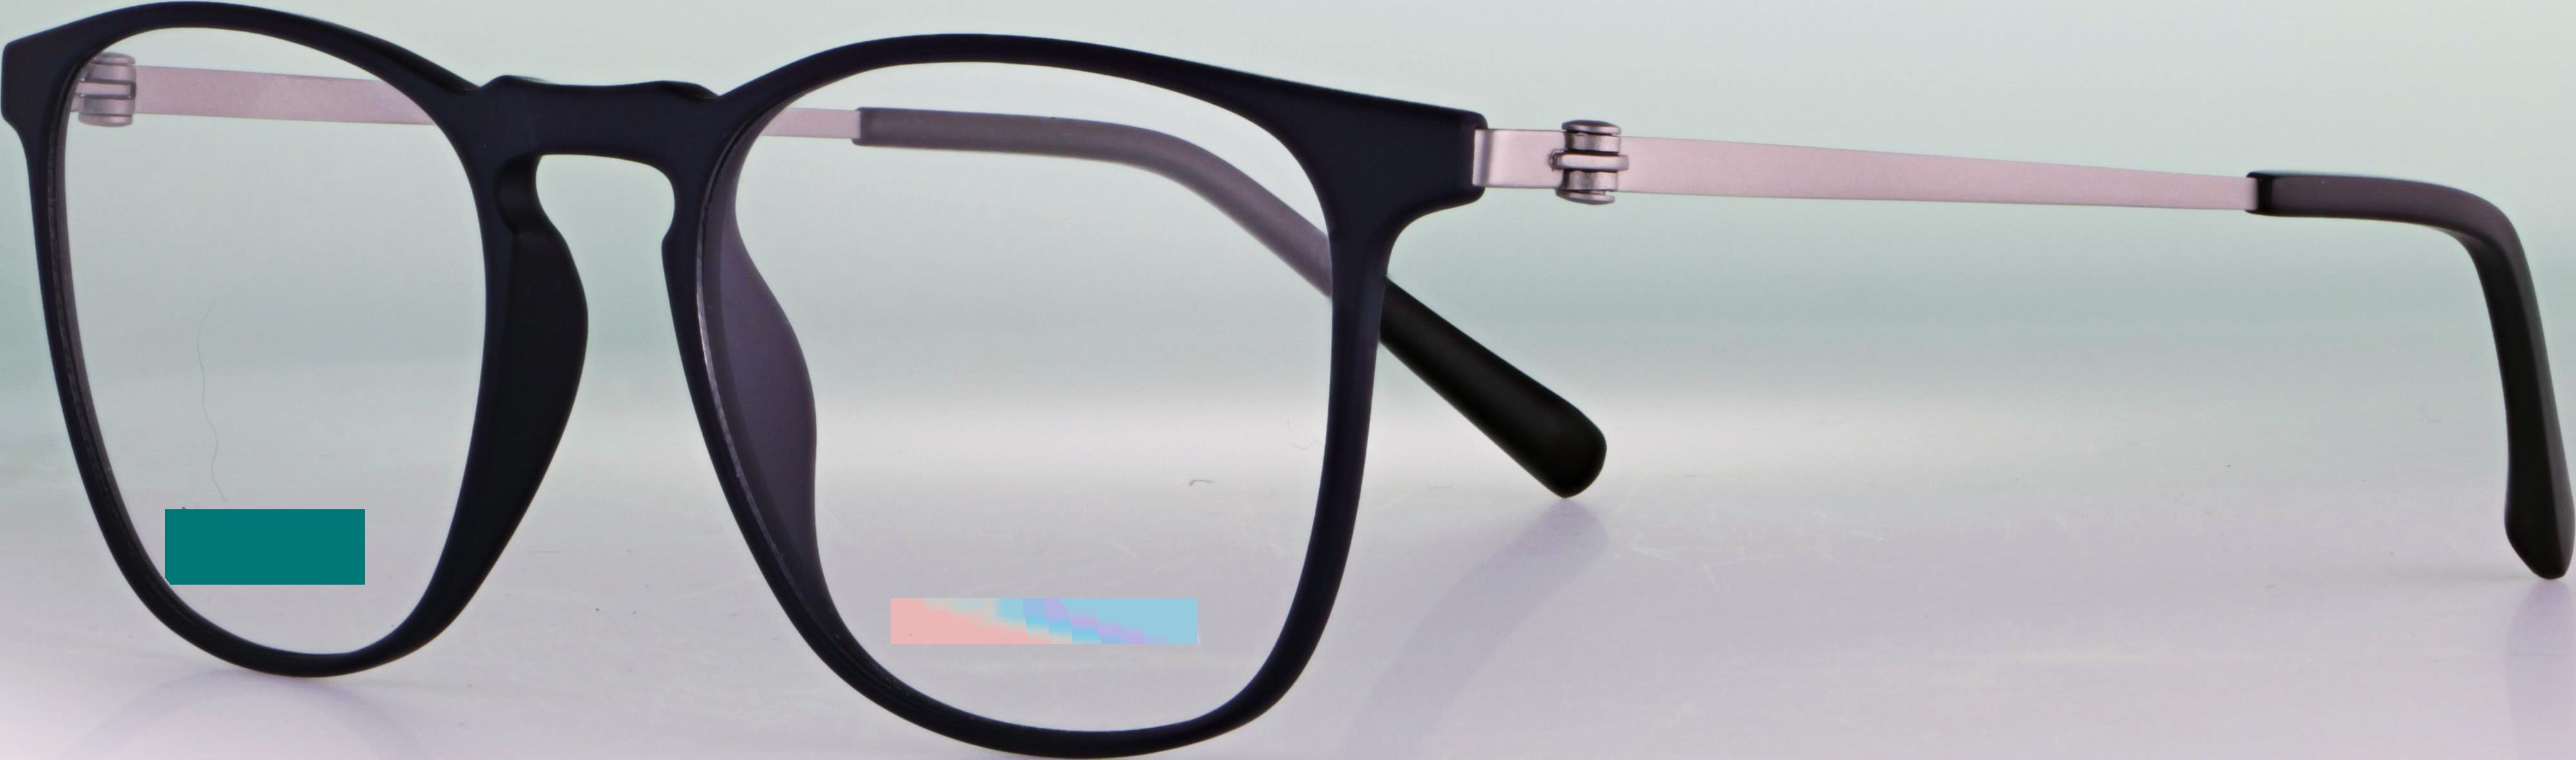 Titanbrille 142921